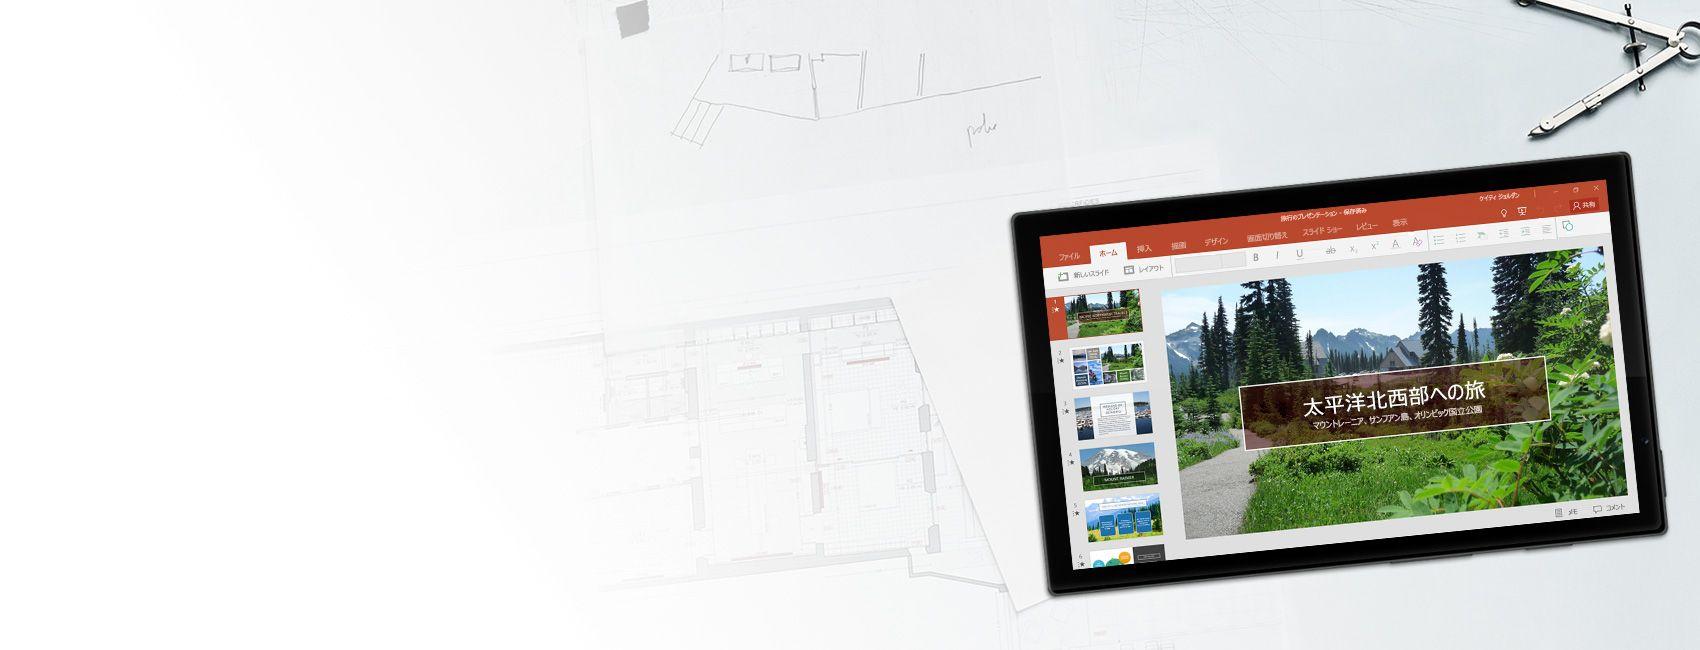 Windows タブレットに、Windows 10 Mobile 向け PowerPoint で作成した太平洋北西部への旅に関する PowerPoint プレゼンテーションが表示されています